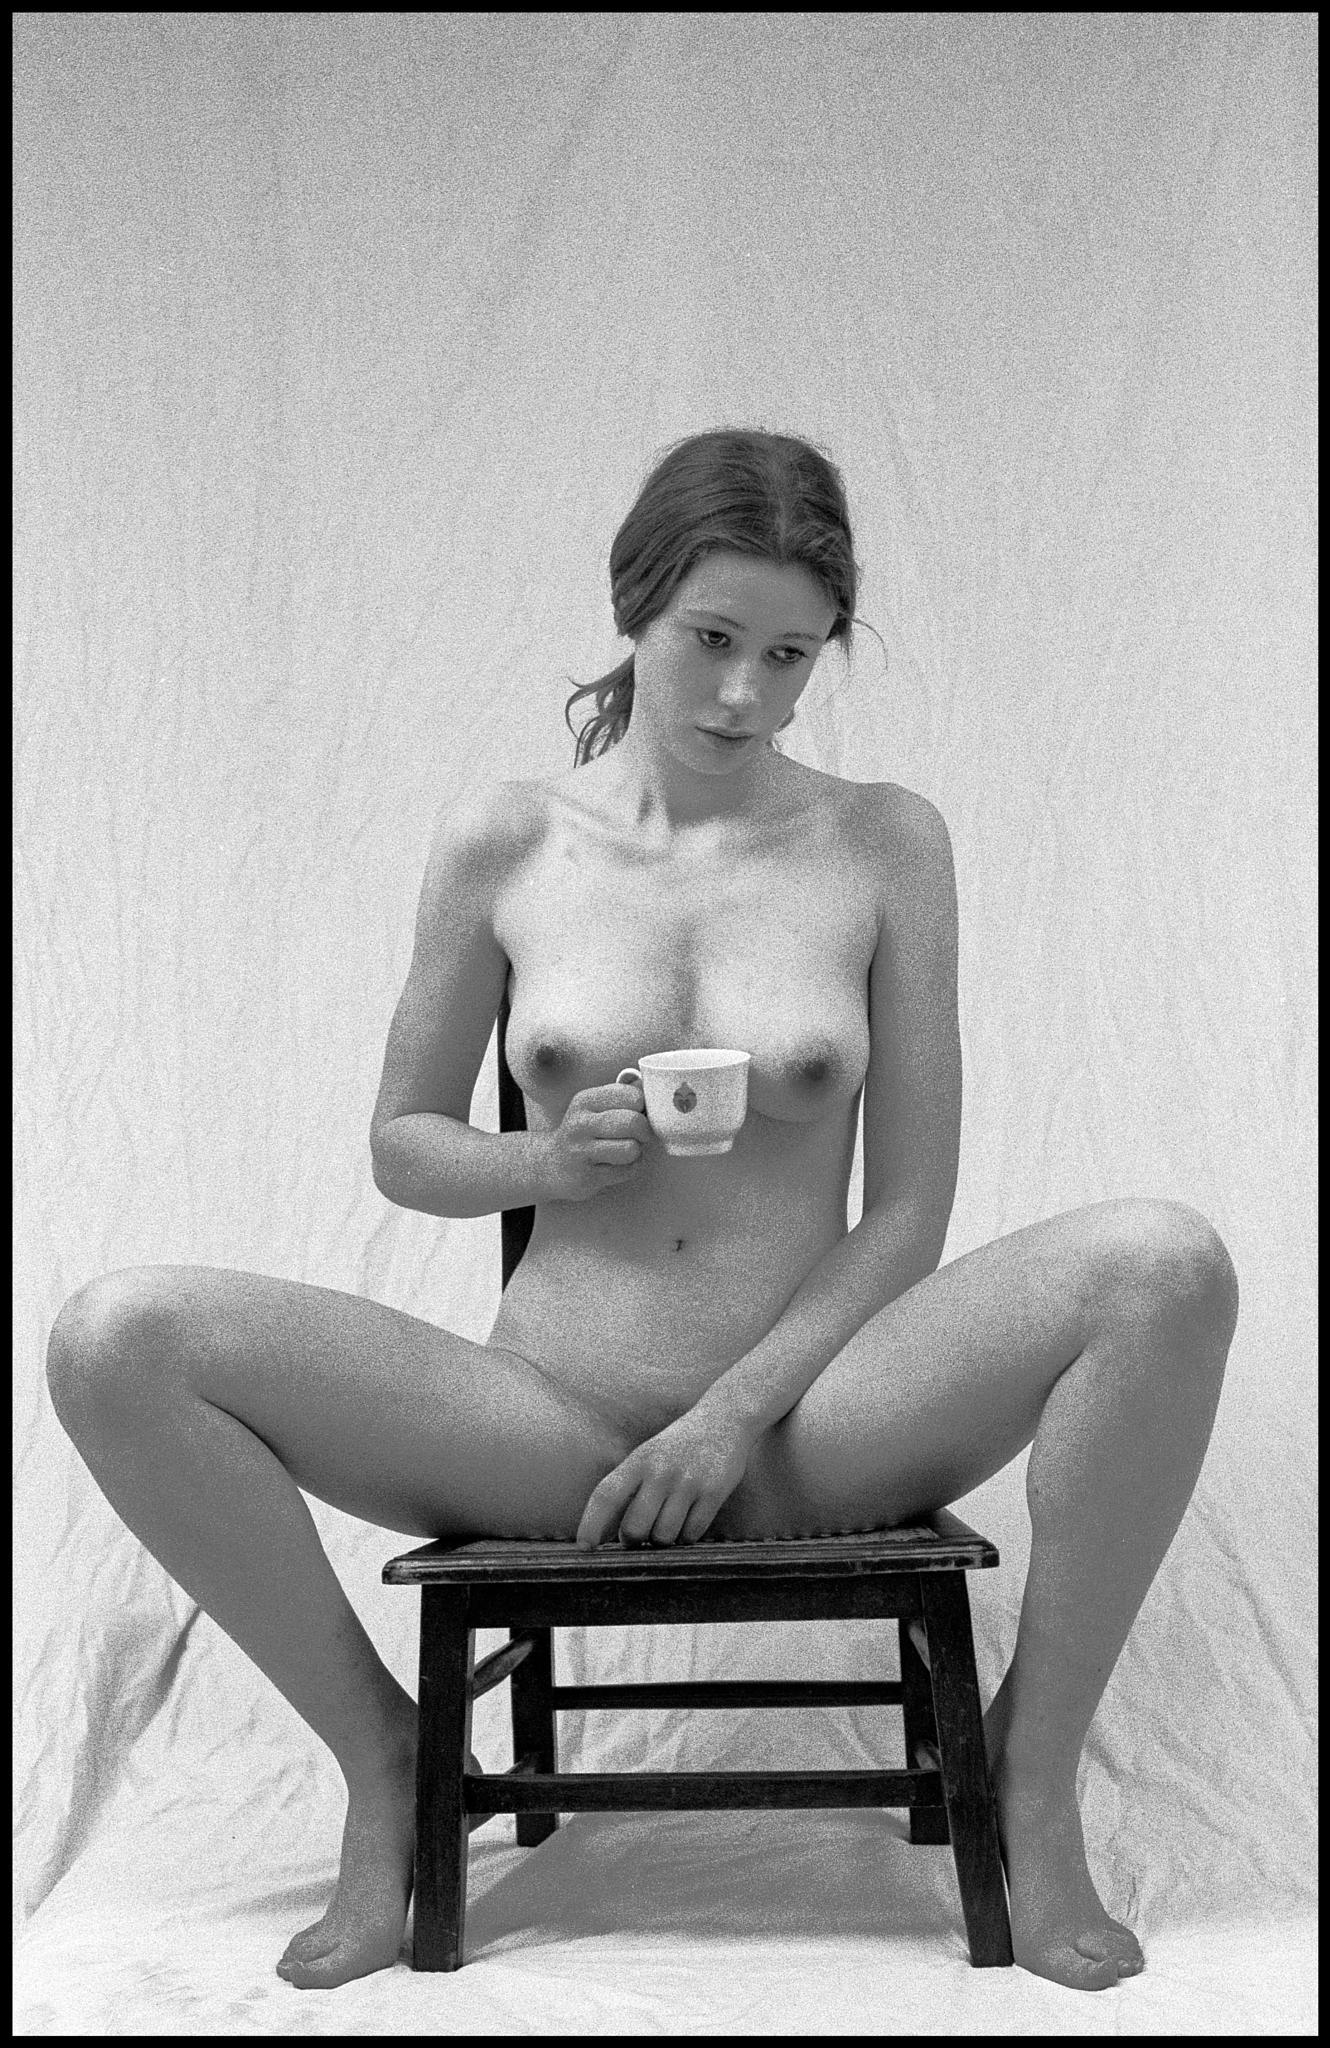 Koffiepauze  by Etienne Chalmet